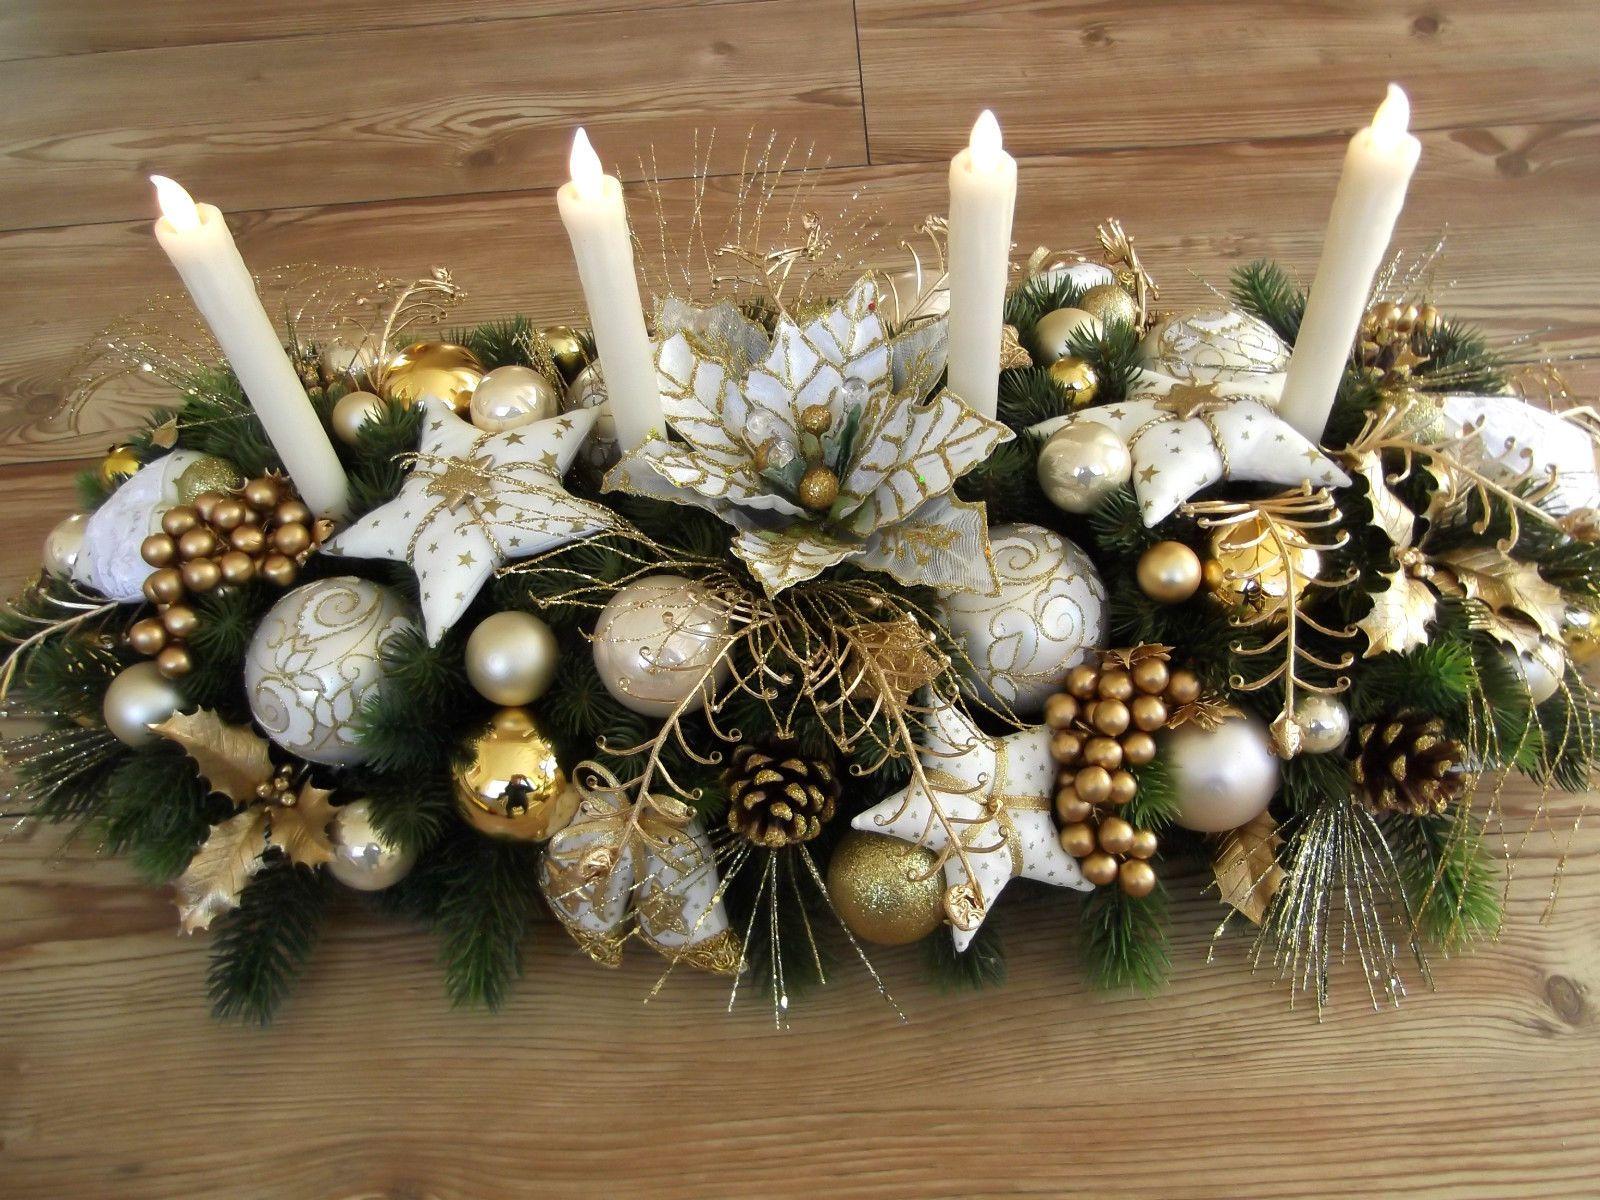 Tischgesteck Weihnachtsdeko Adventsgesteck Champagner Gold Tilda Art Ebay Christmas Decorations Holiday Decor Floral Centerpieces